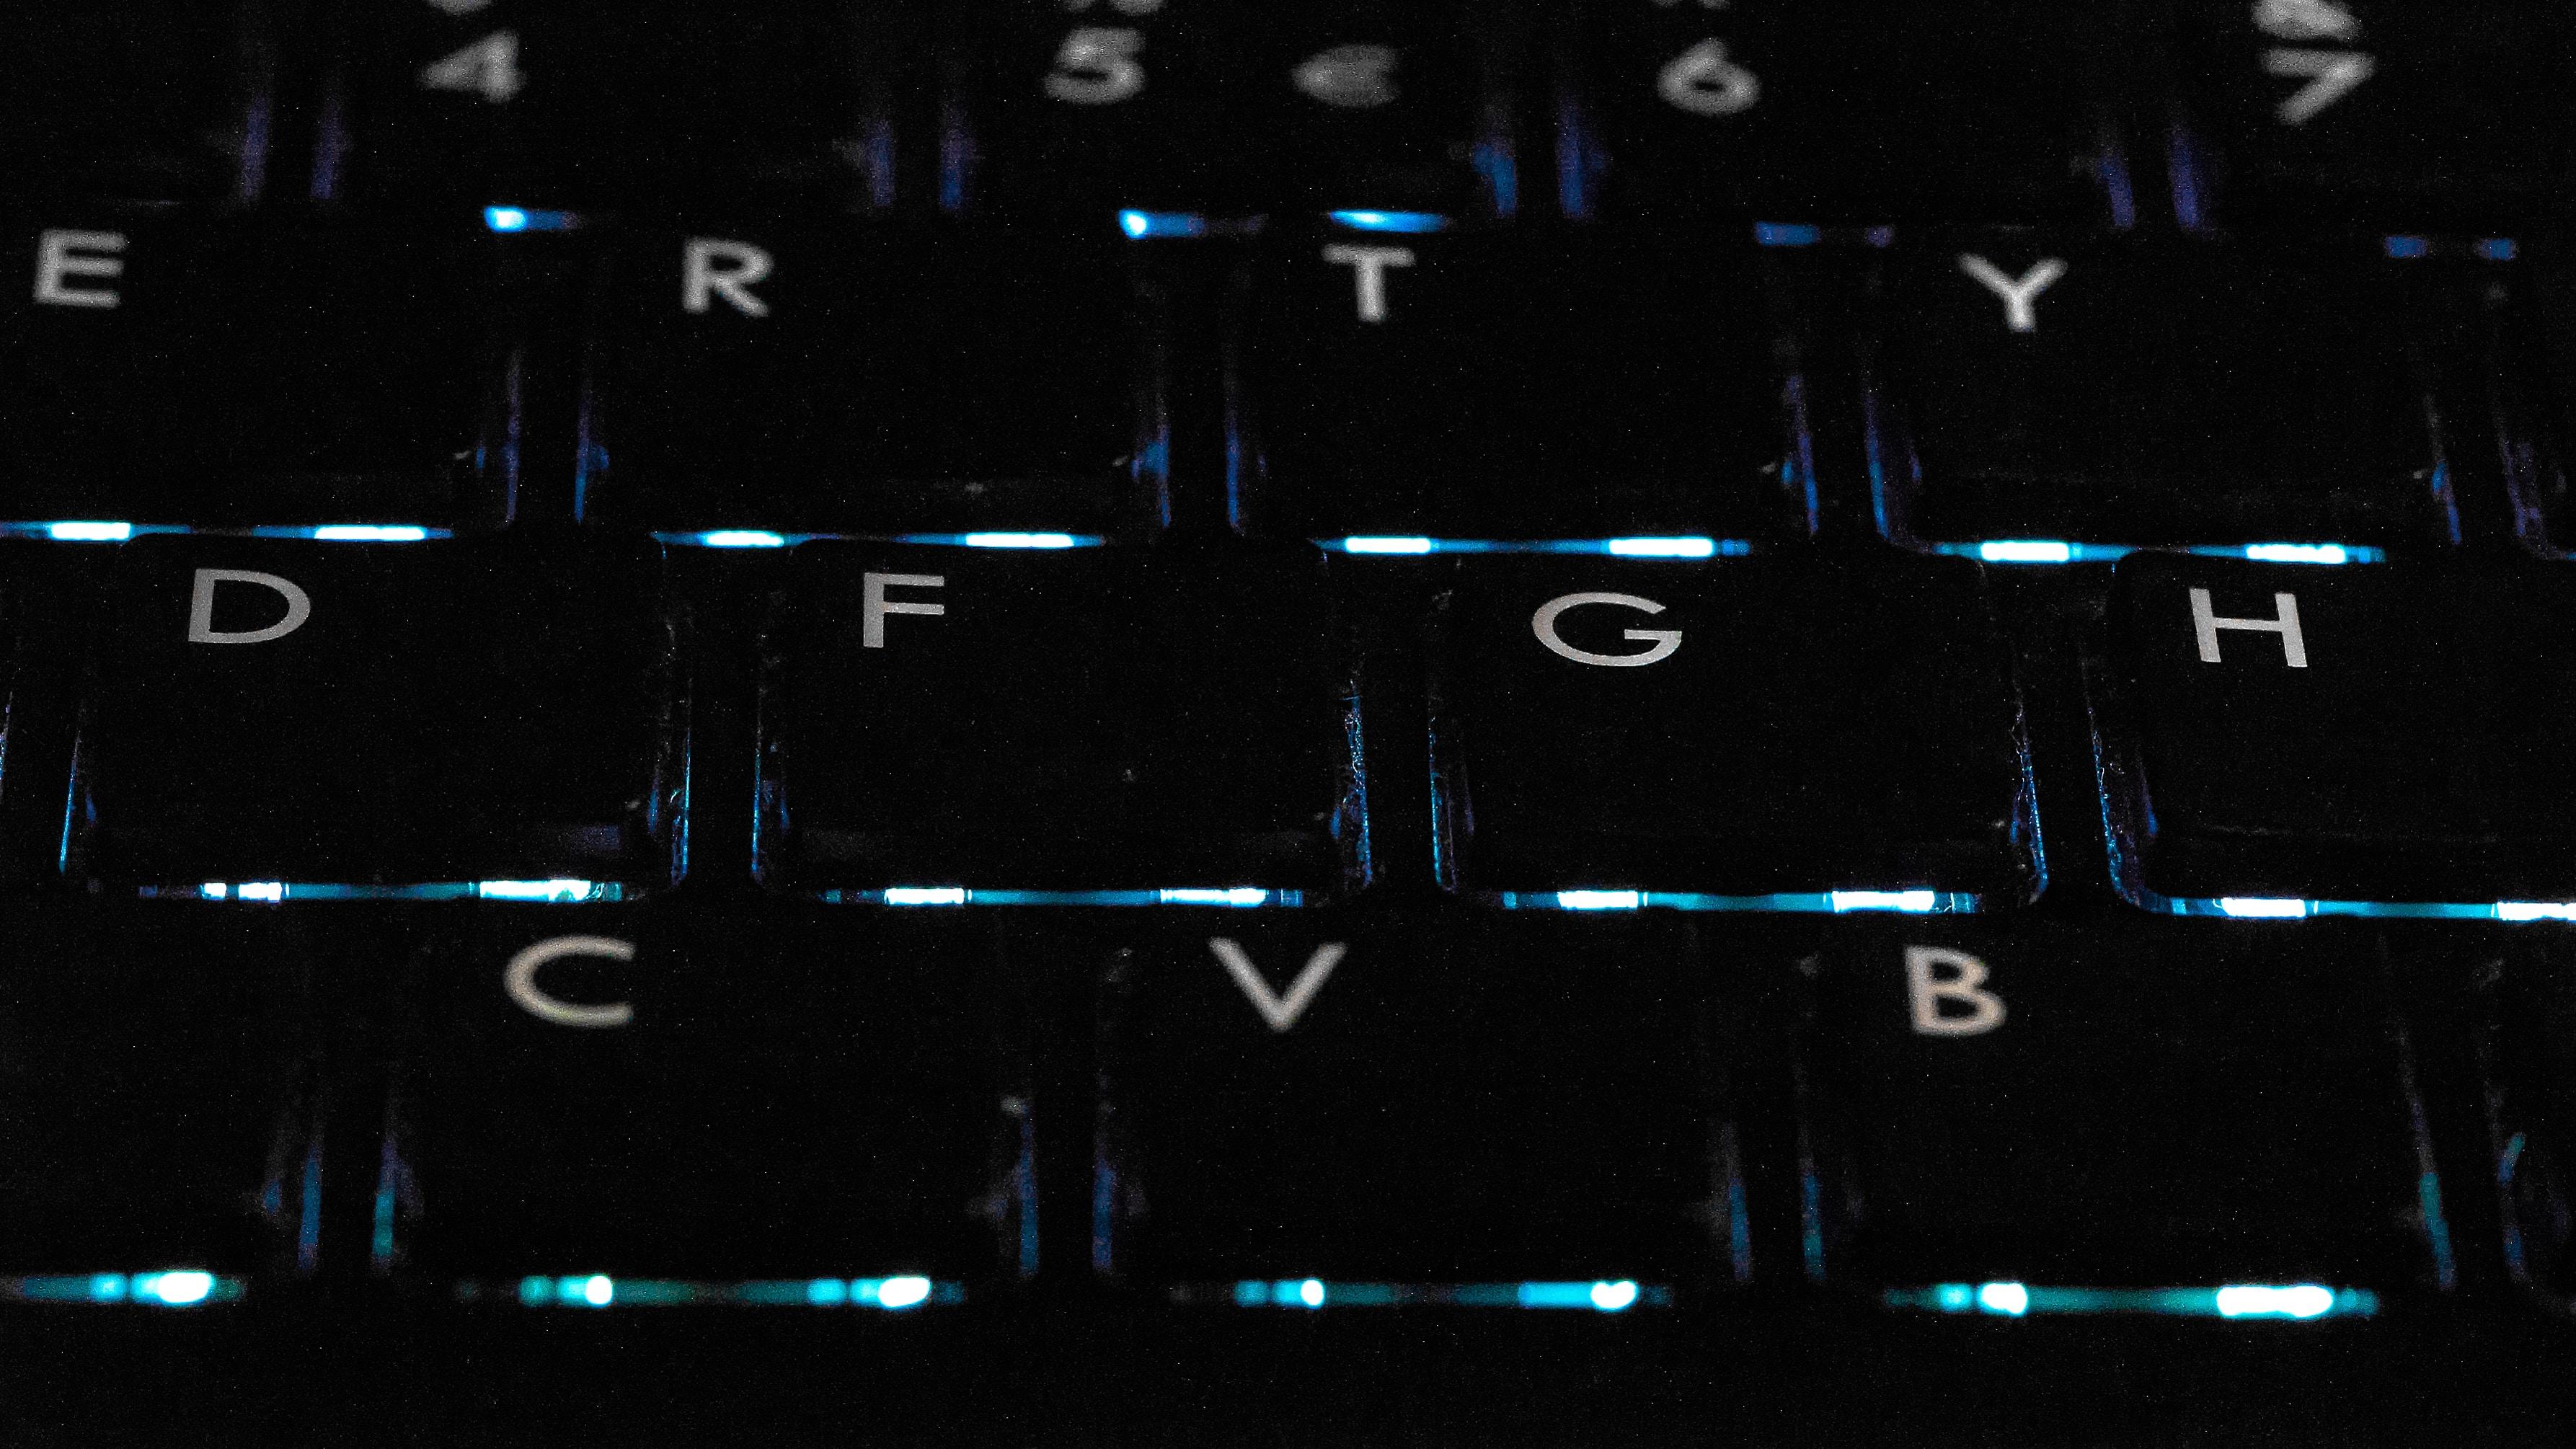 black backlit keyboard